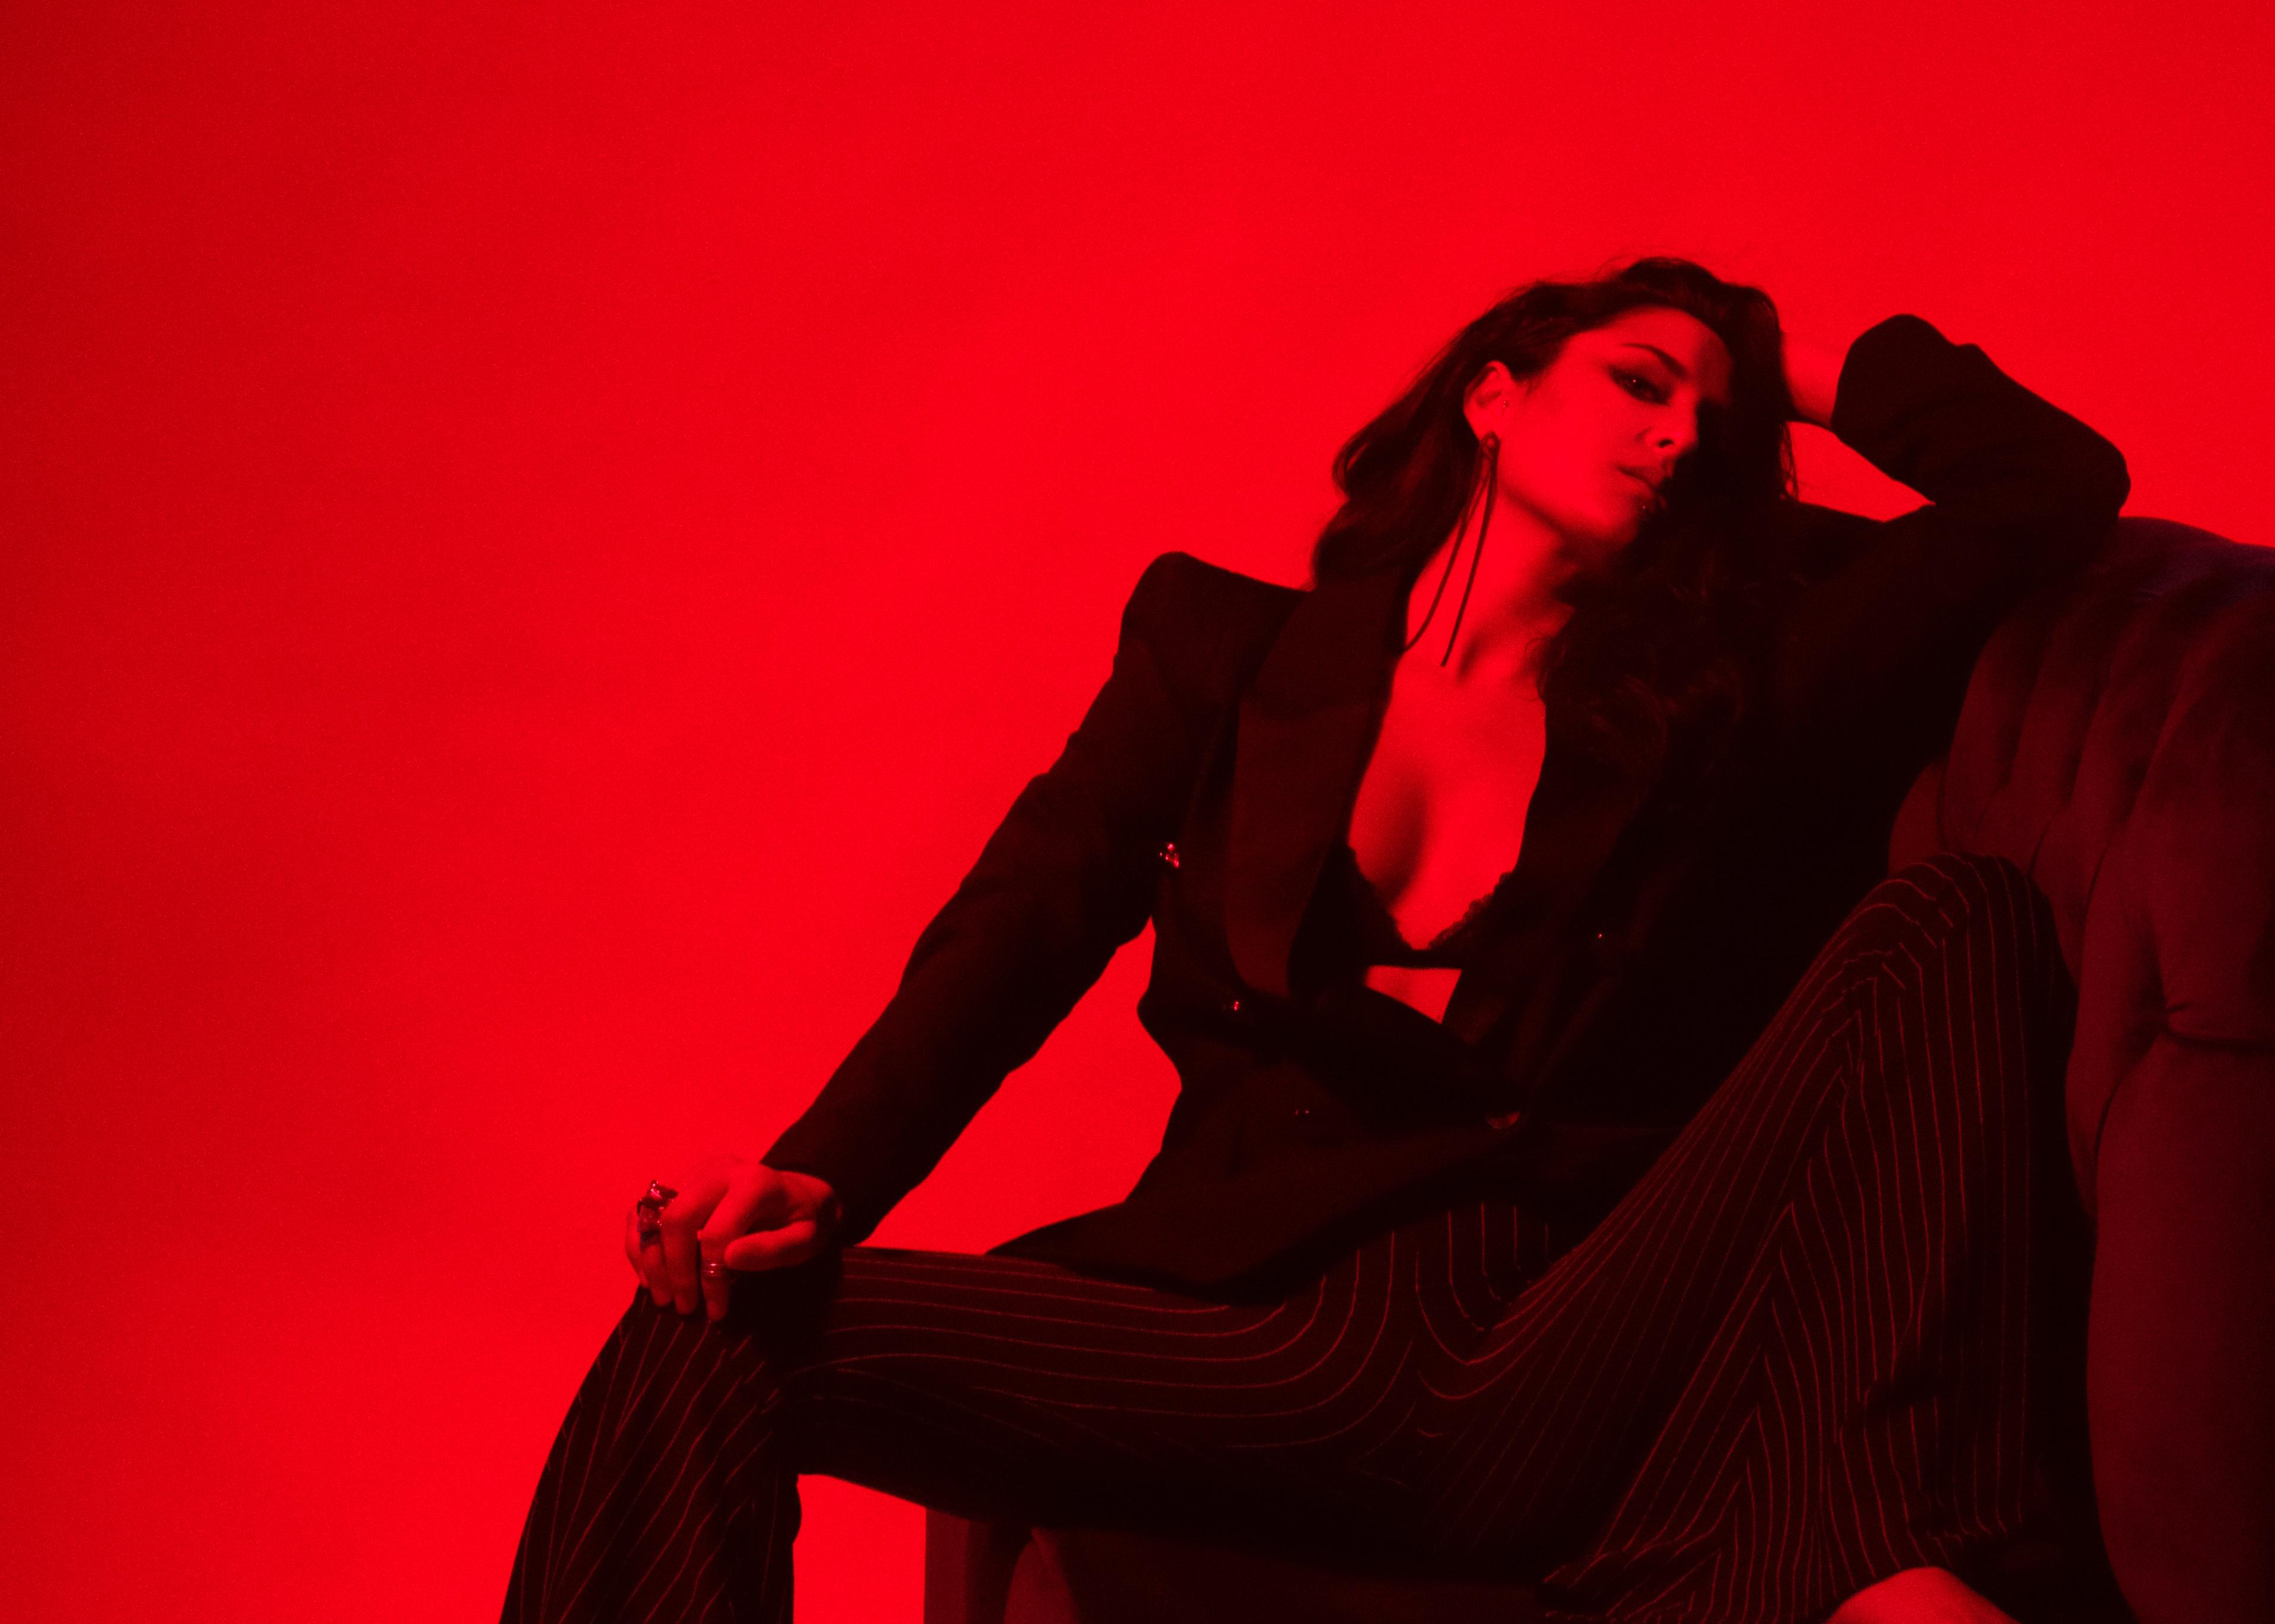 """breaking more waves salt ashes """"girls"""" new single radikal records dance pop singer-songwriter spotify new music friday uk"""